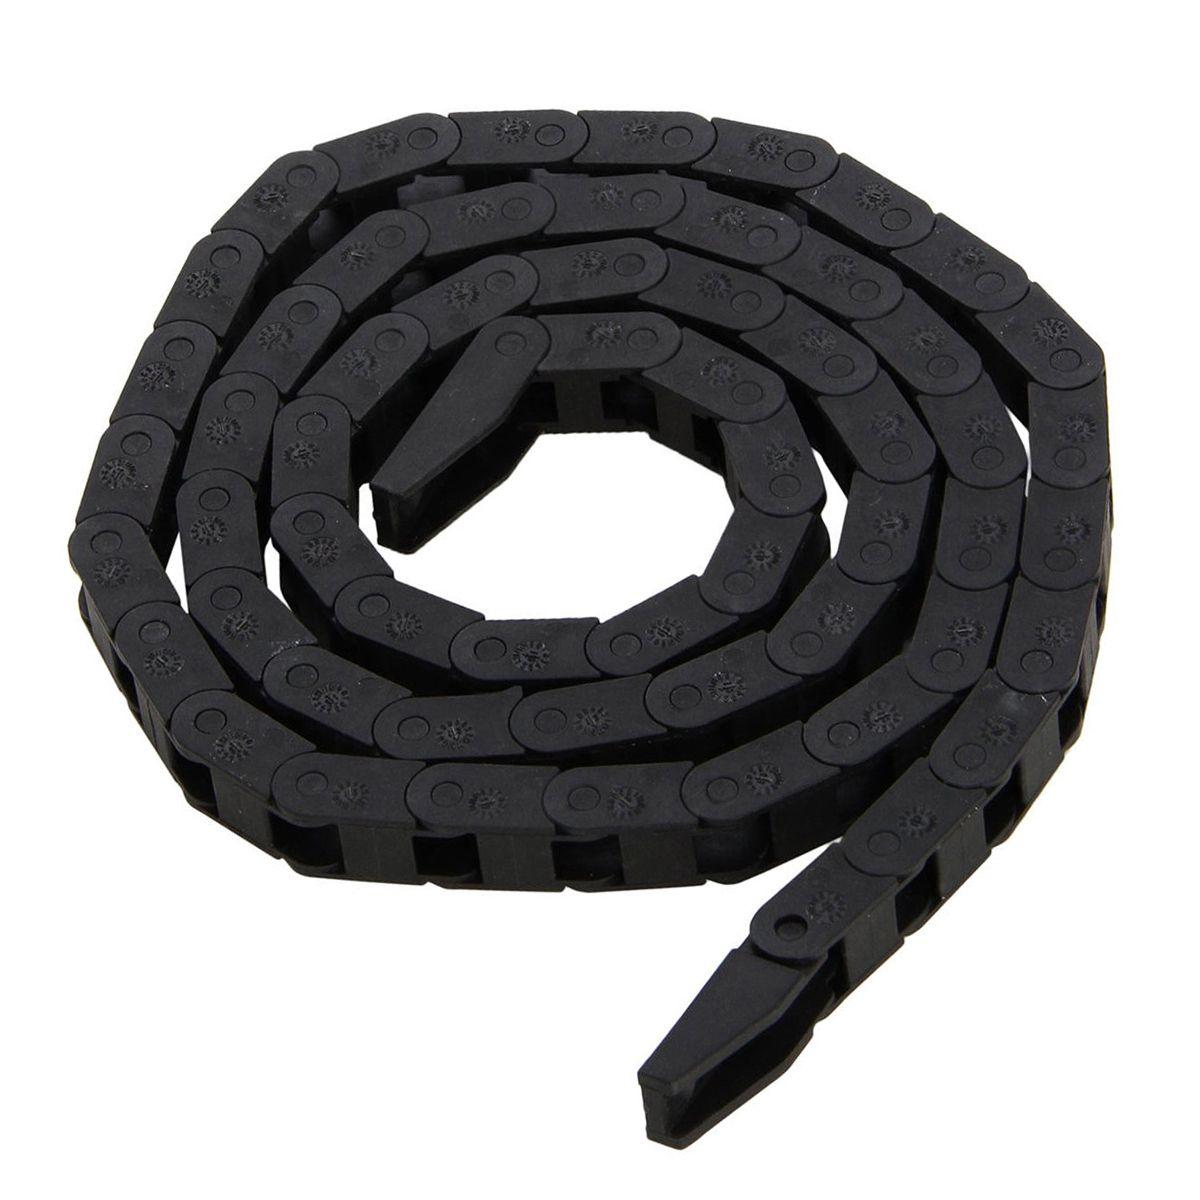 Schwarz Schleppkette Nested Kunststoff Nylon Schleppleine Kabel Draht Wasserleitungen Träger 7*7mm für CNC Router Werkzeugmaschinen Mayitr